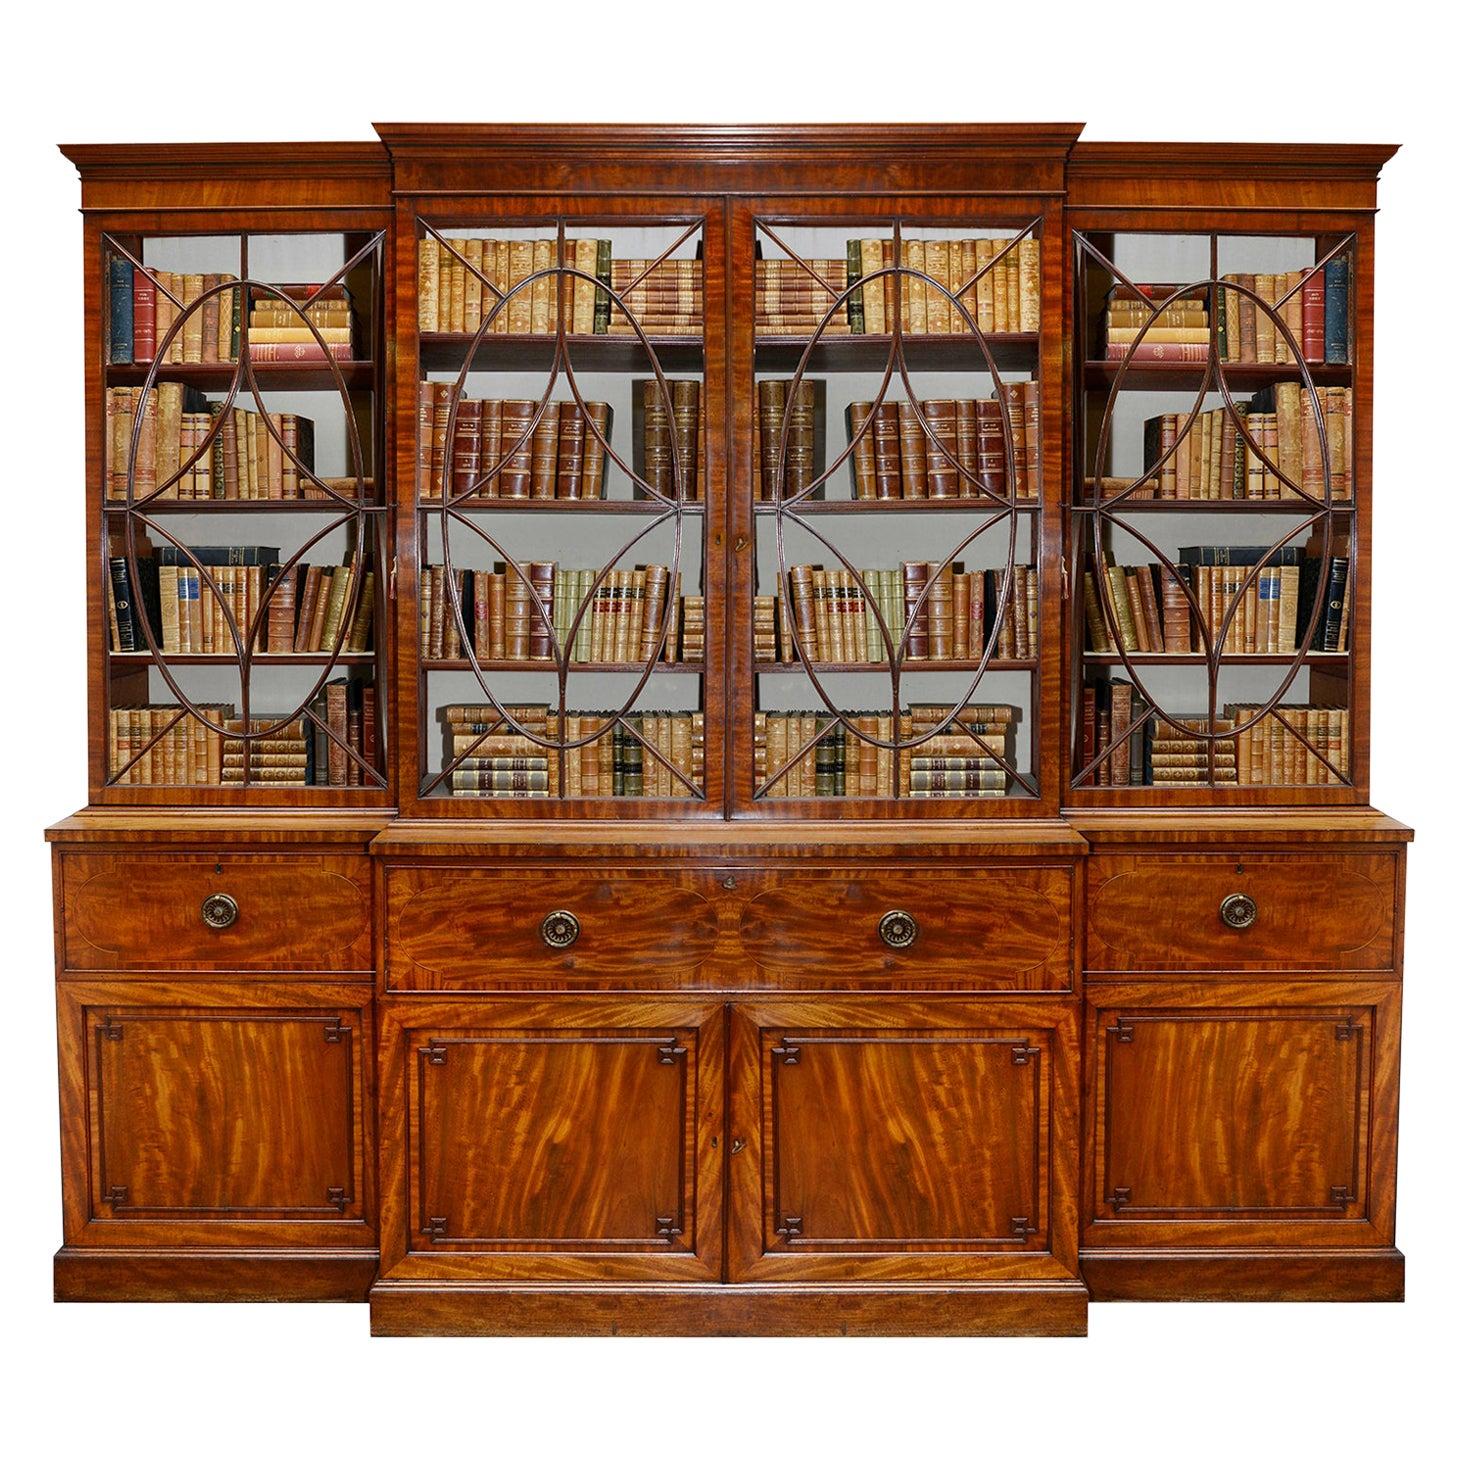 Regency Period Mahogany Library bookcase, circa 1820